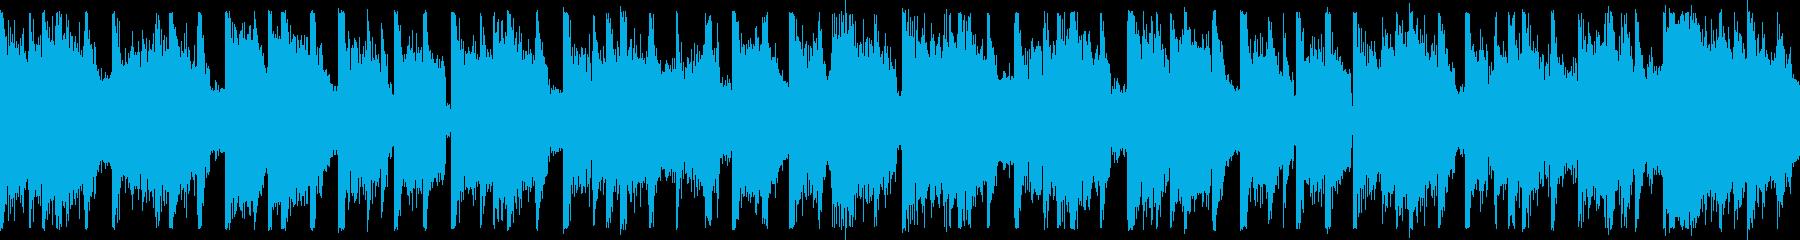 ダンスエクササイズBPM130:ショートの再生済みの波形